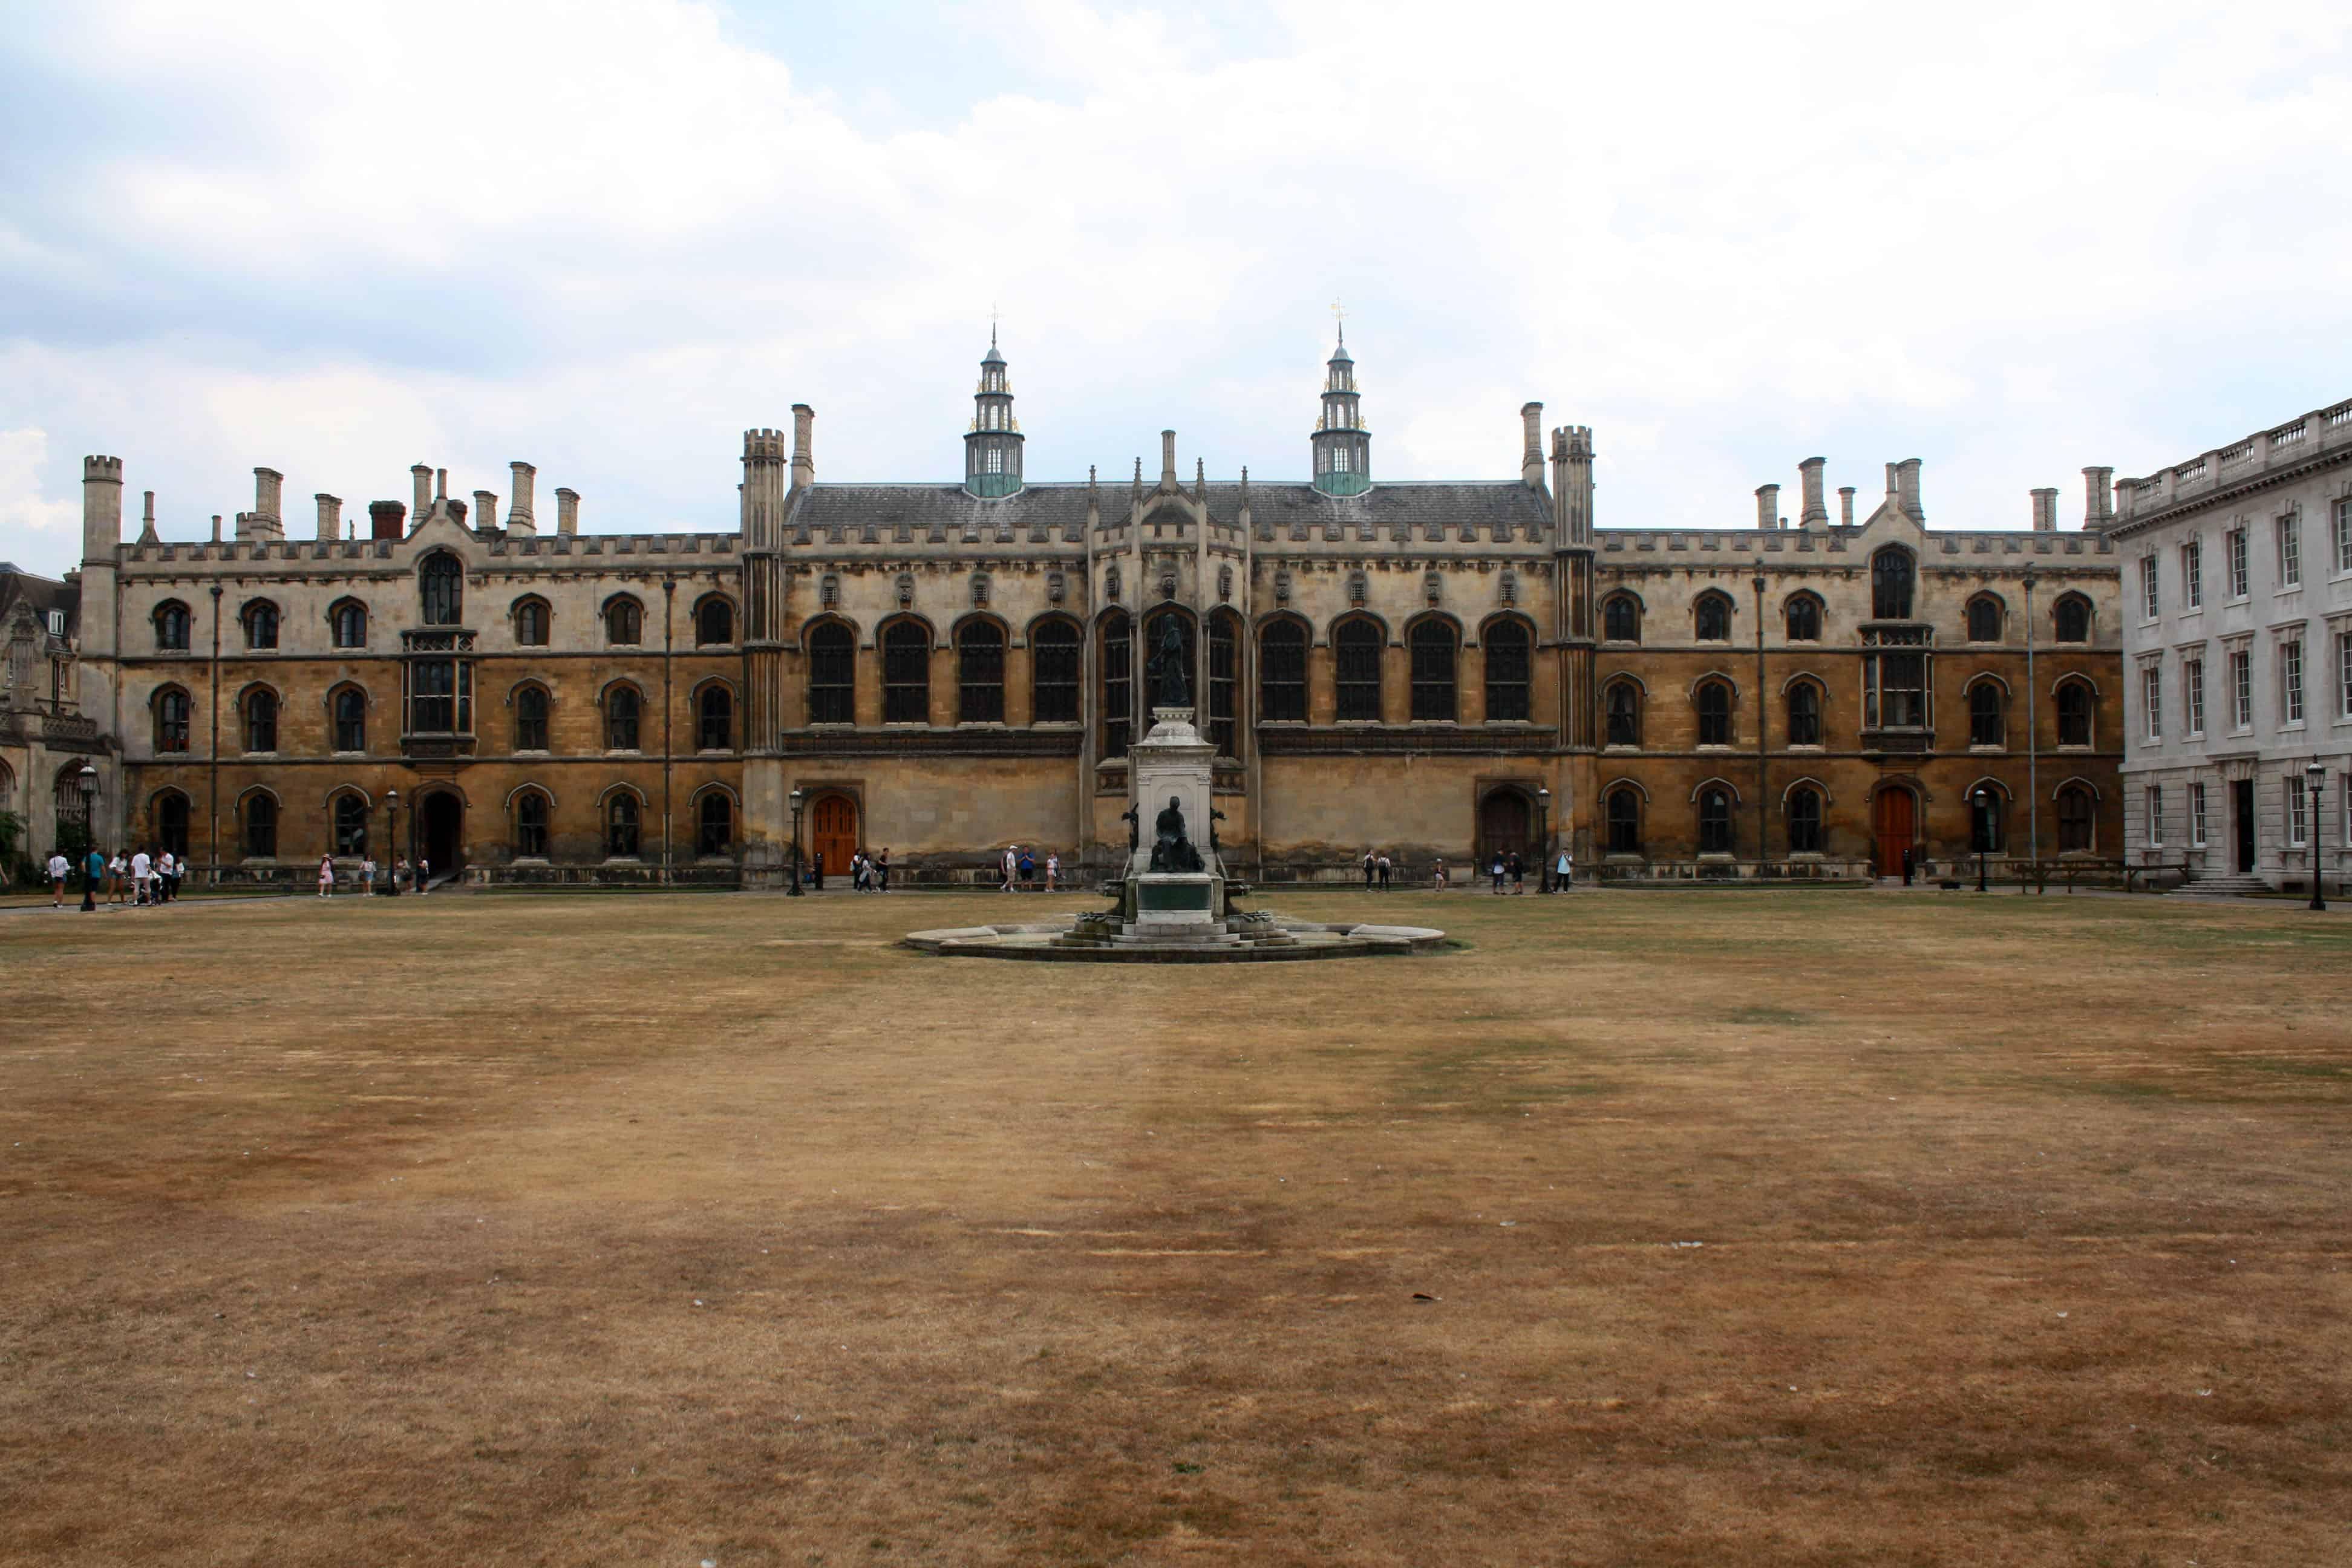 King's College, Cambridge - University of Cambridge